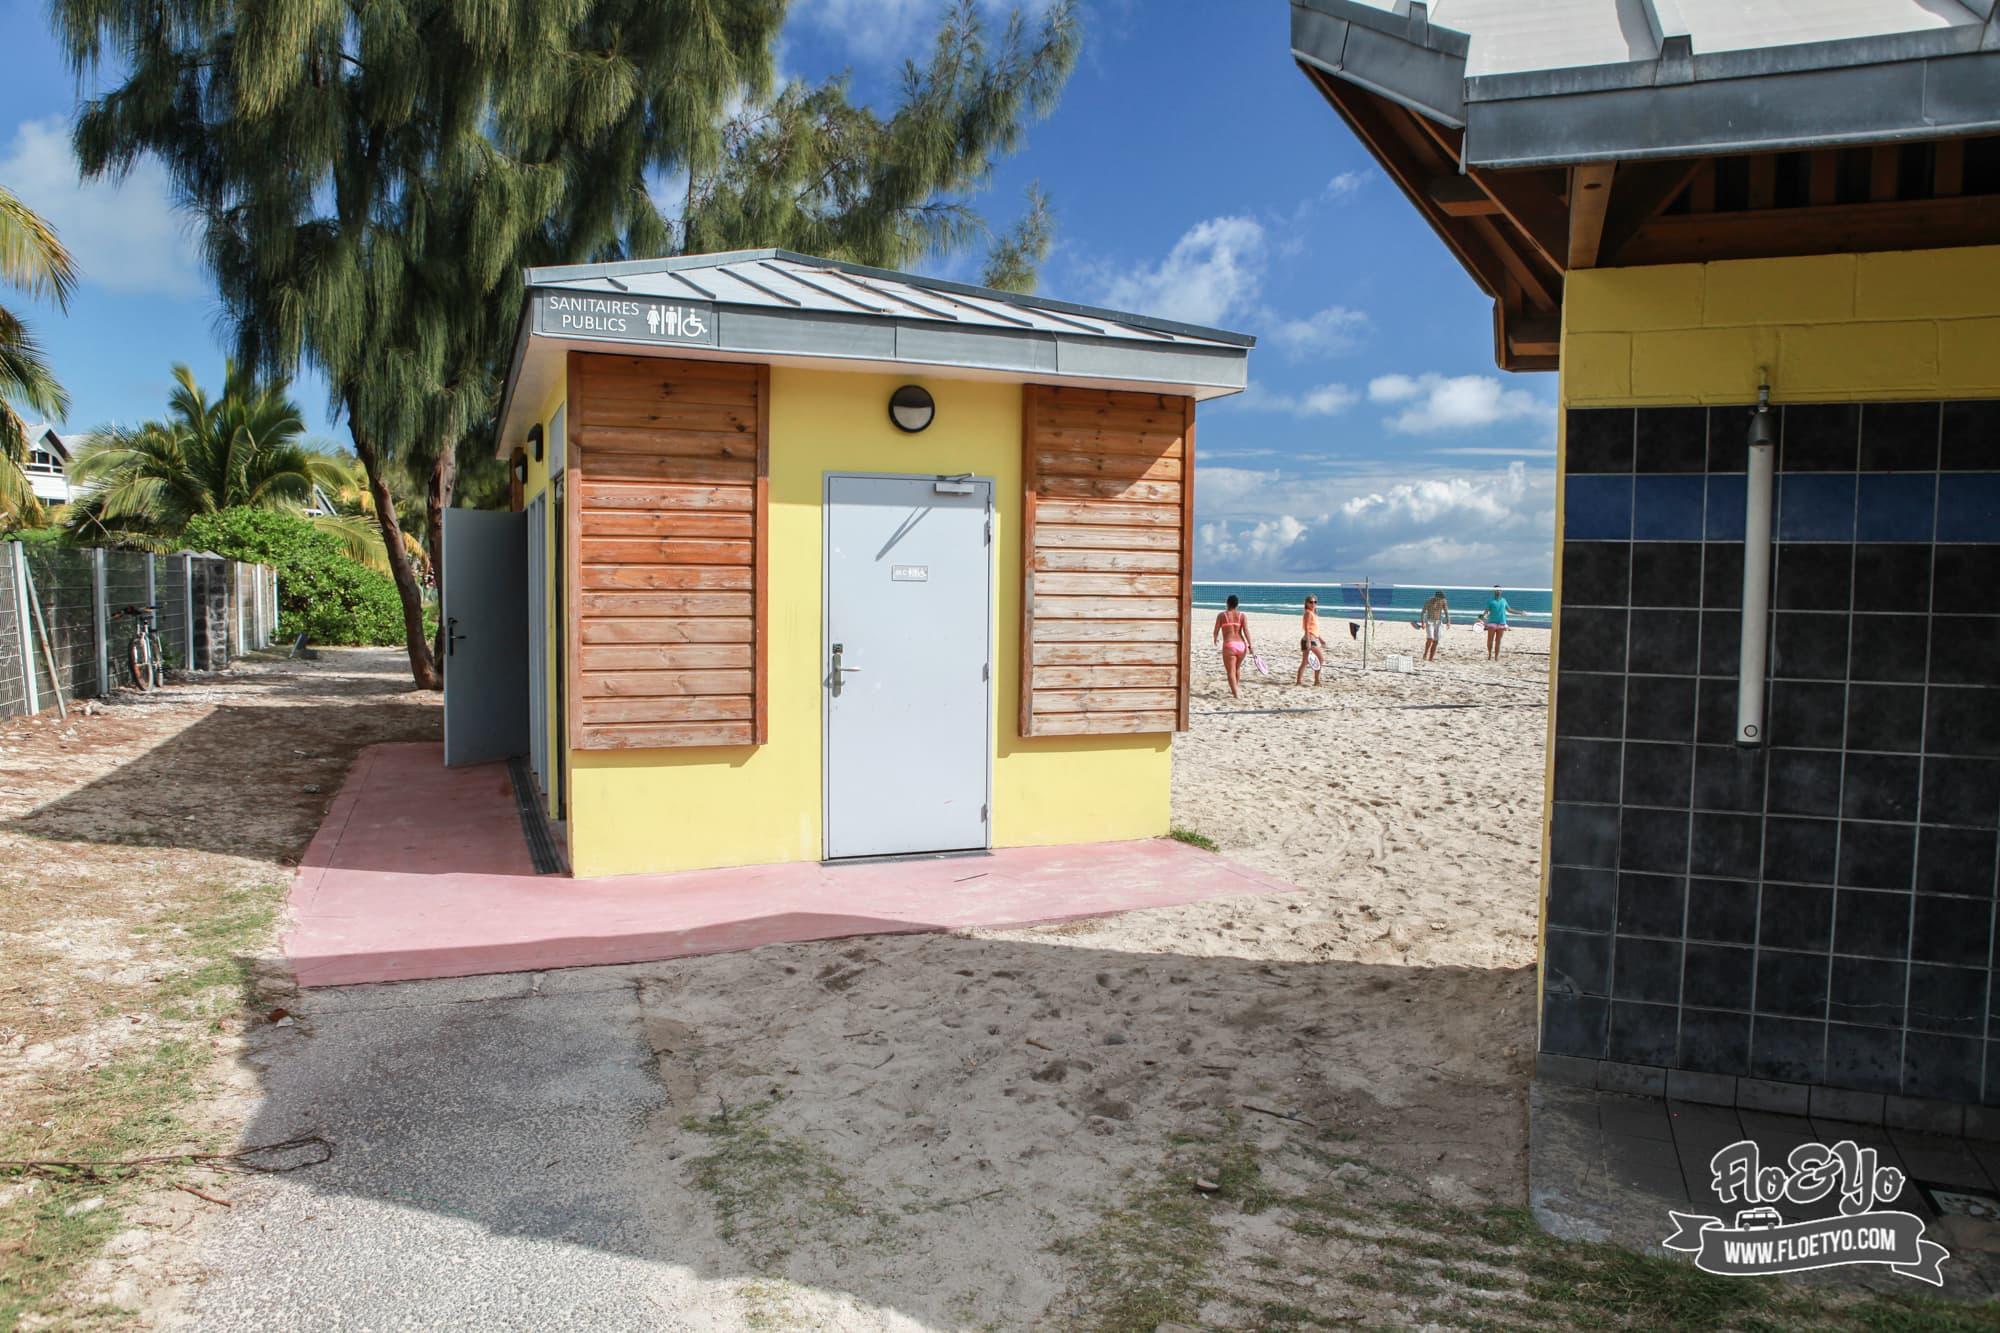 10 endroits pour dormir en van aménagé à l'ile de la Reunion